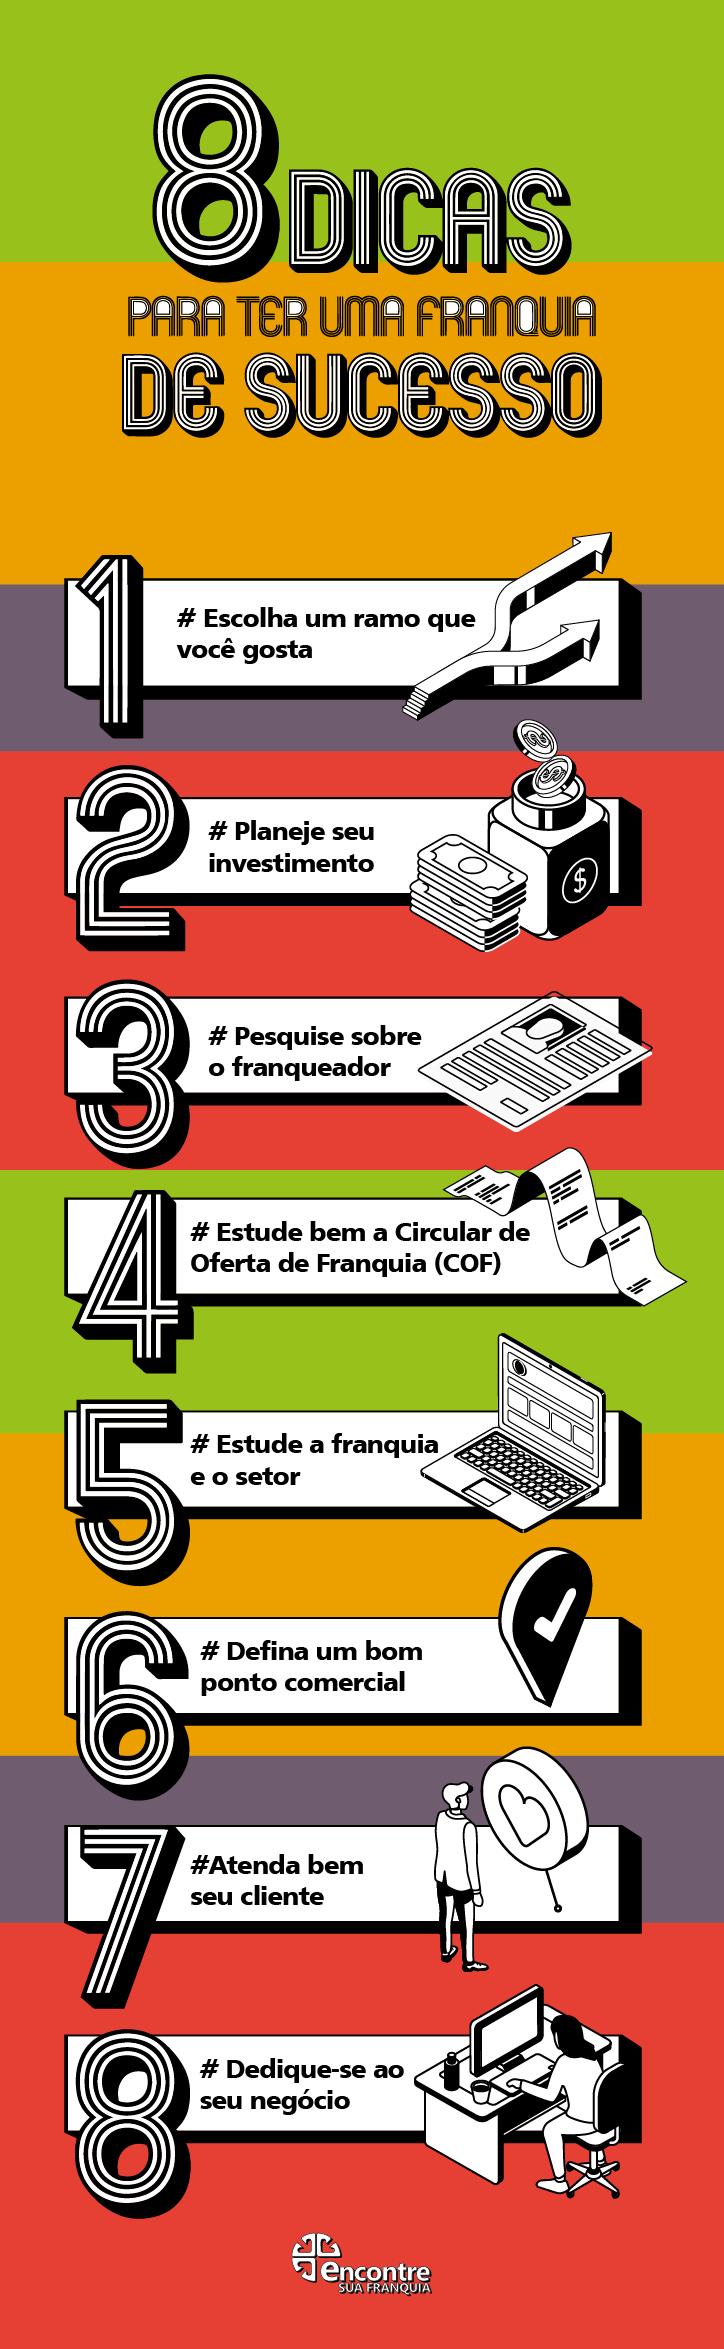 Infográfico 8 dicas para ter uma franquia de sucesso